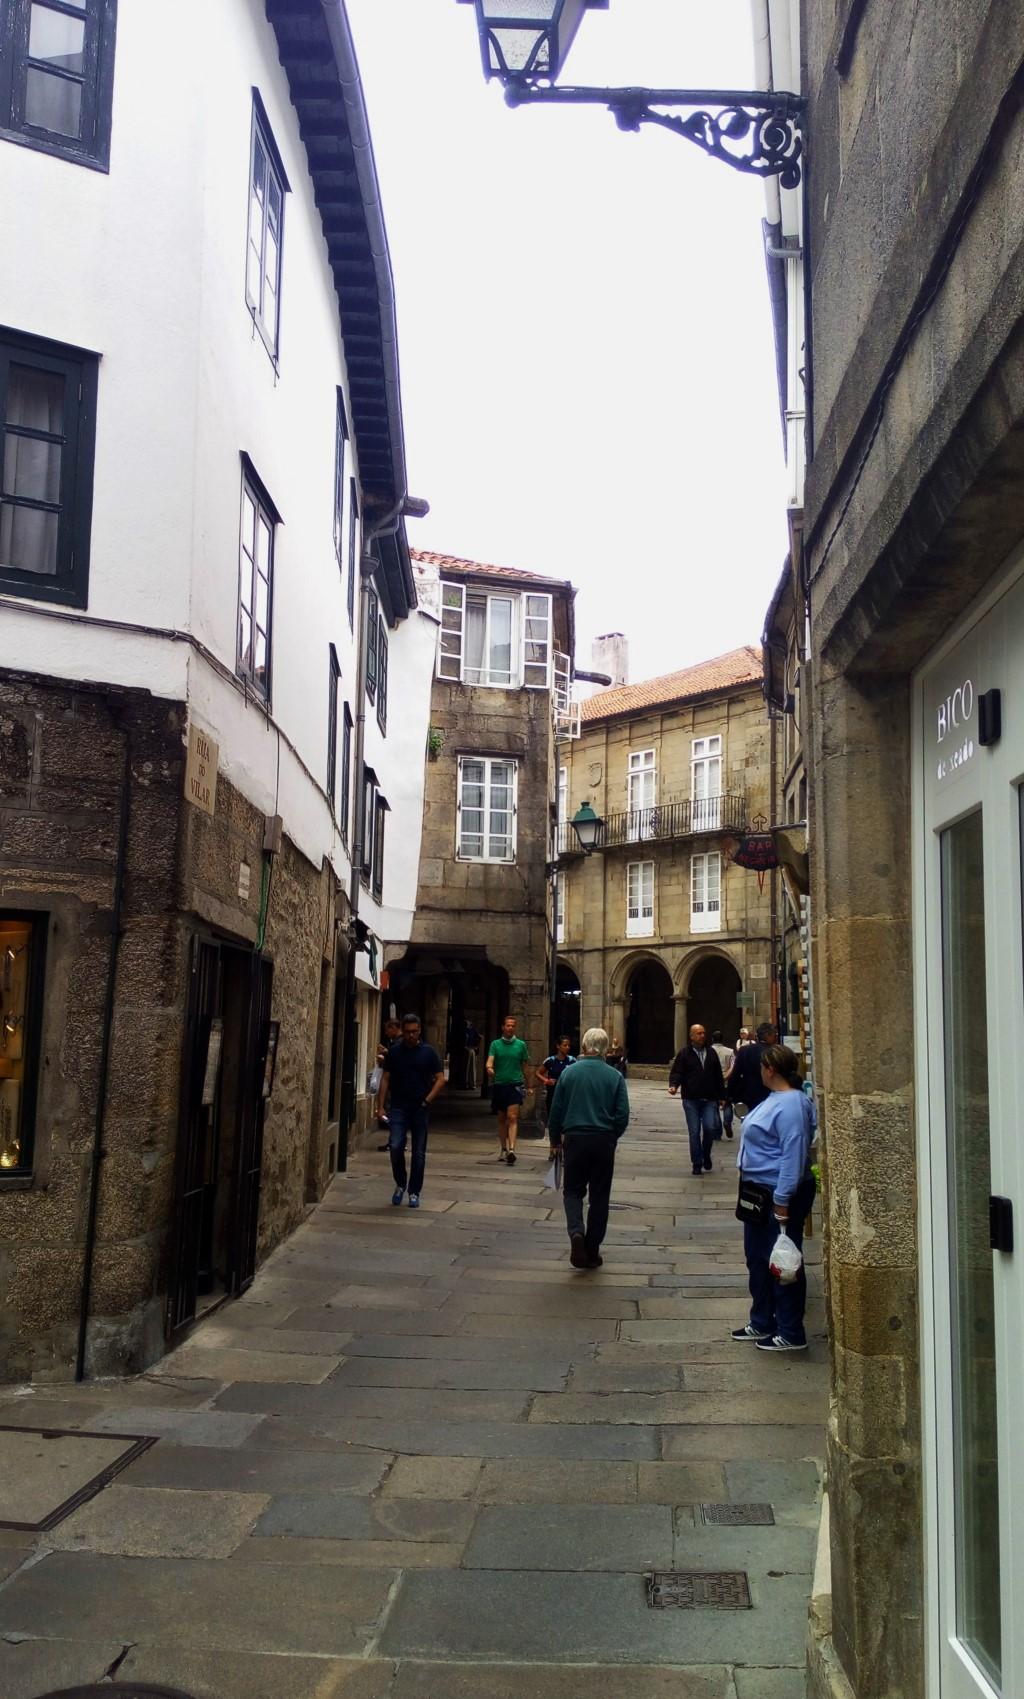 Tramo 1 - Accediendo a la Rúa del Villar desde la Rúa del Franco